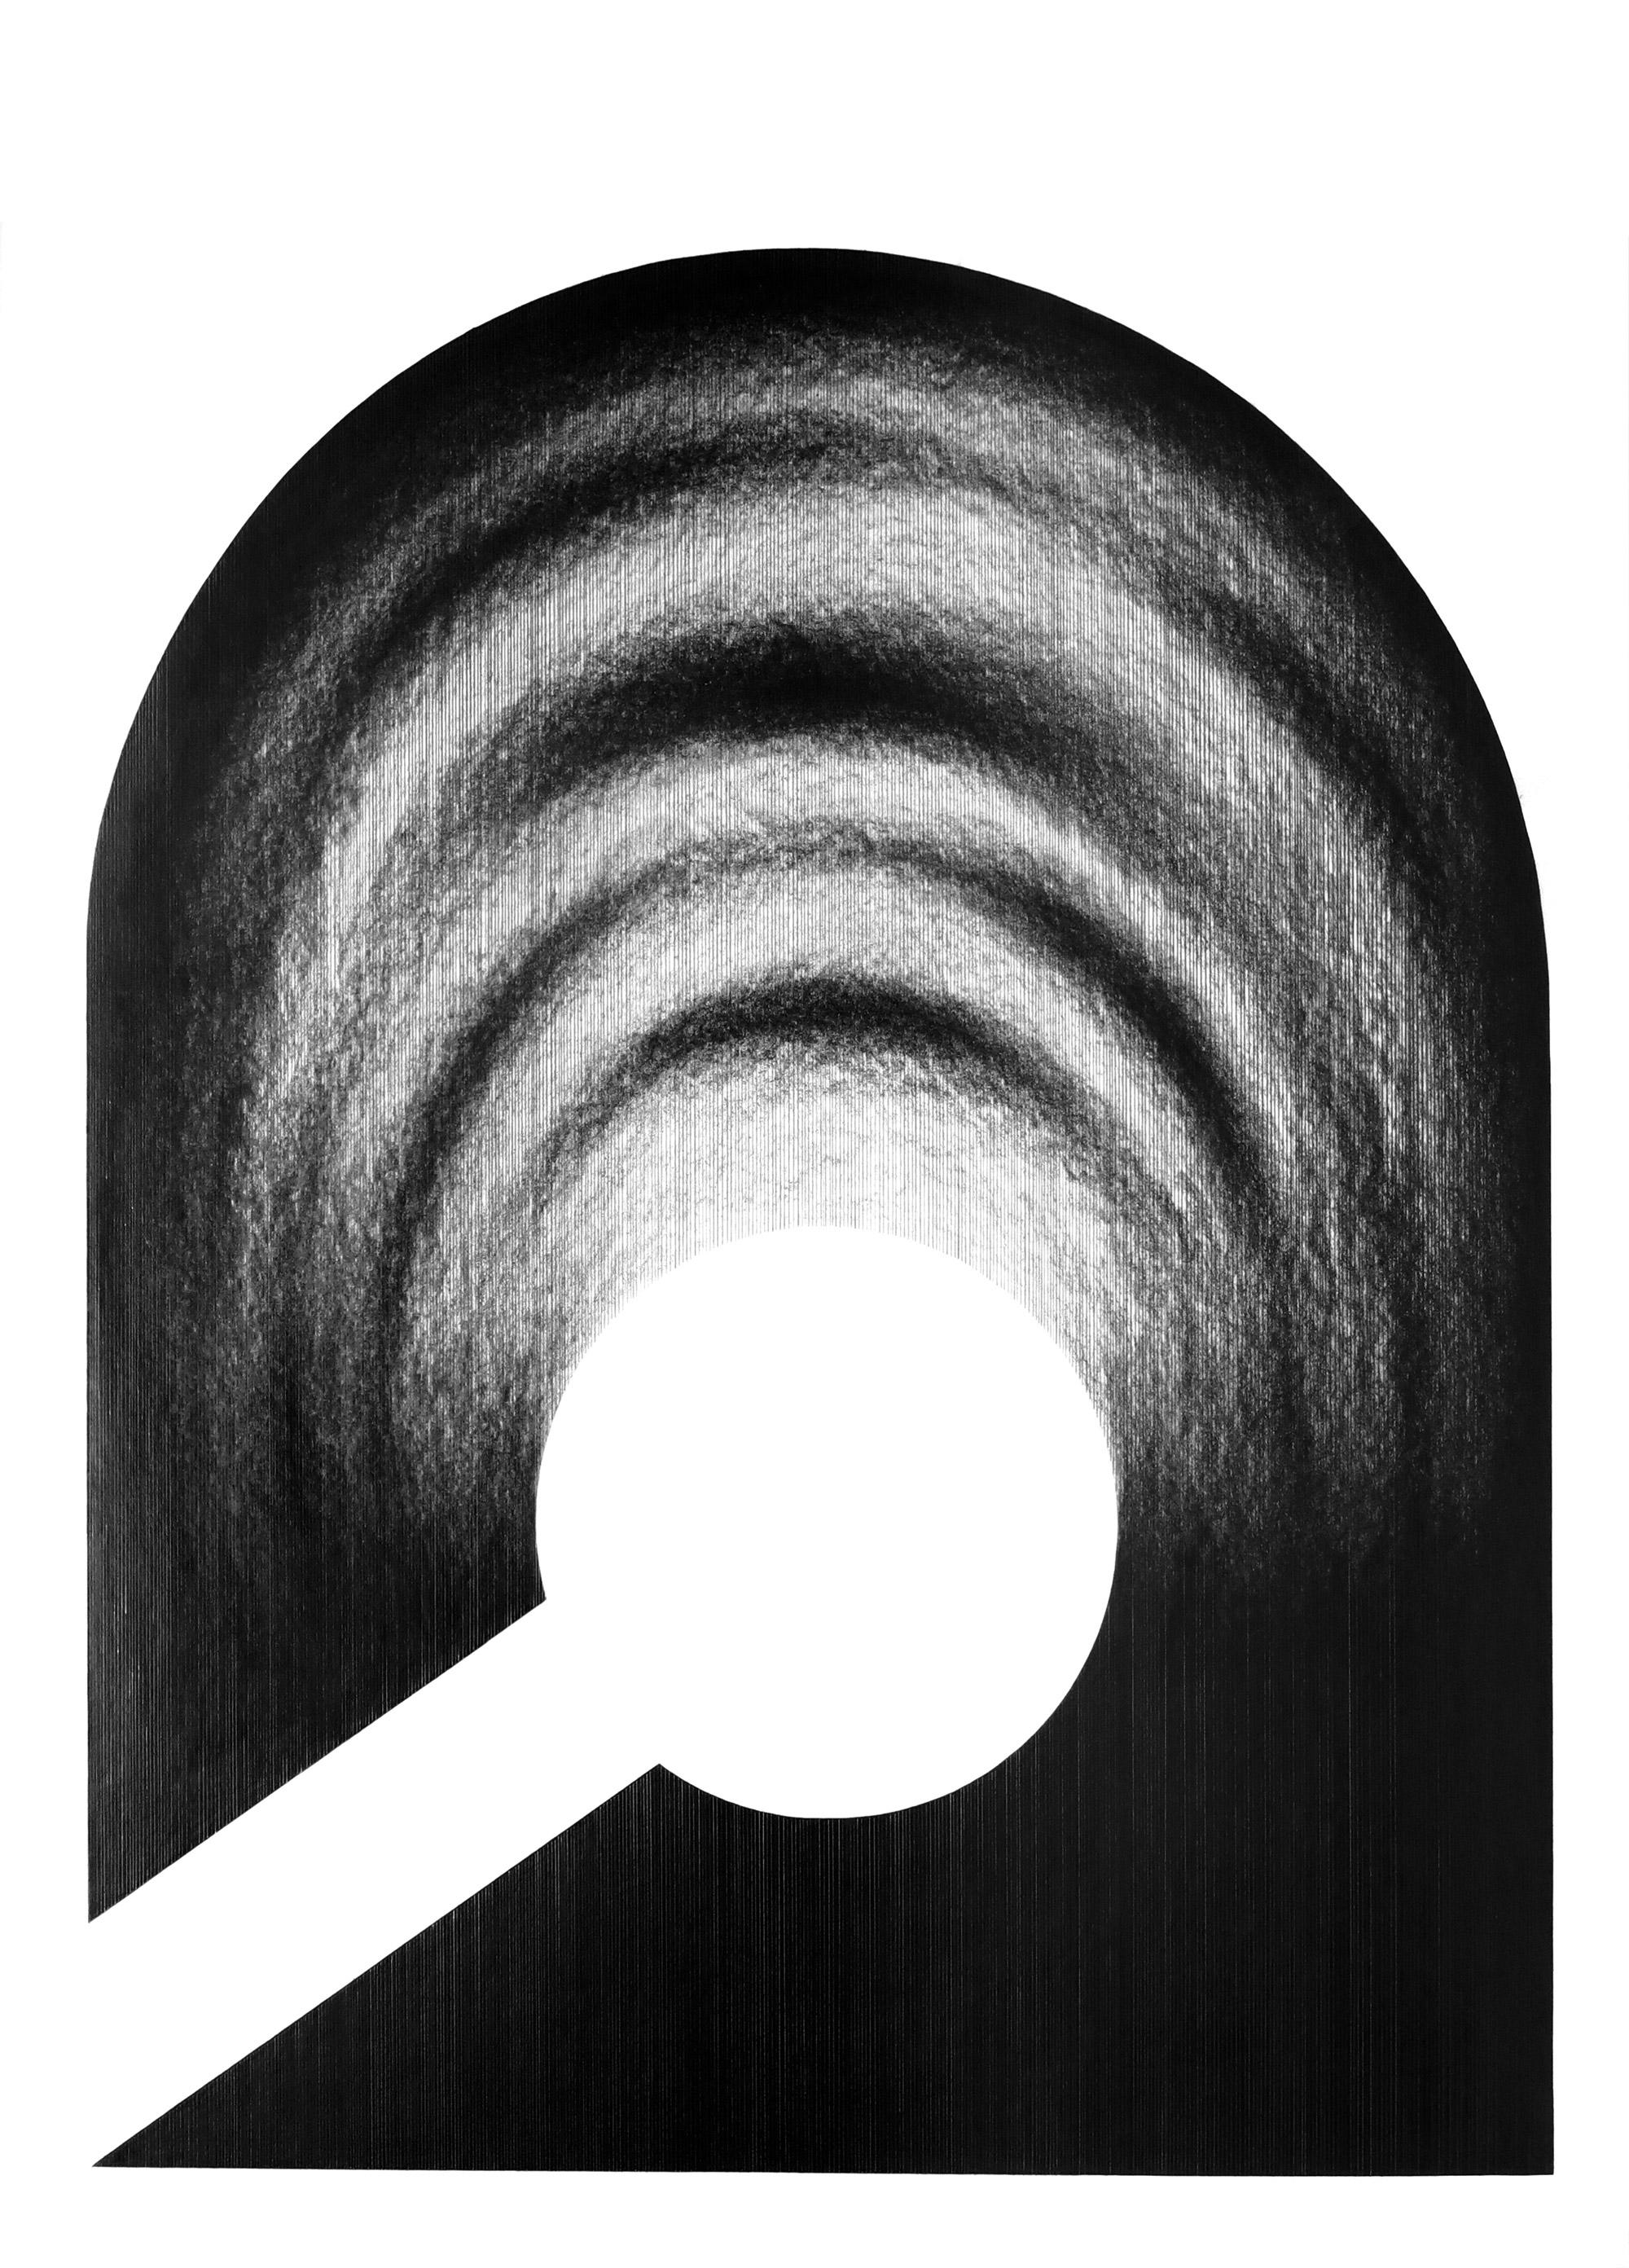 17--60''-x-40''-graphite-on-cardstock-amadeus